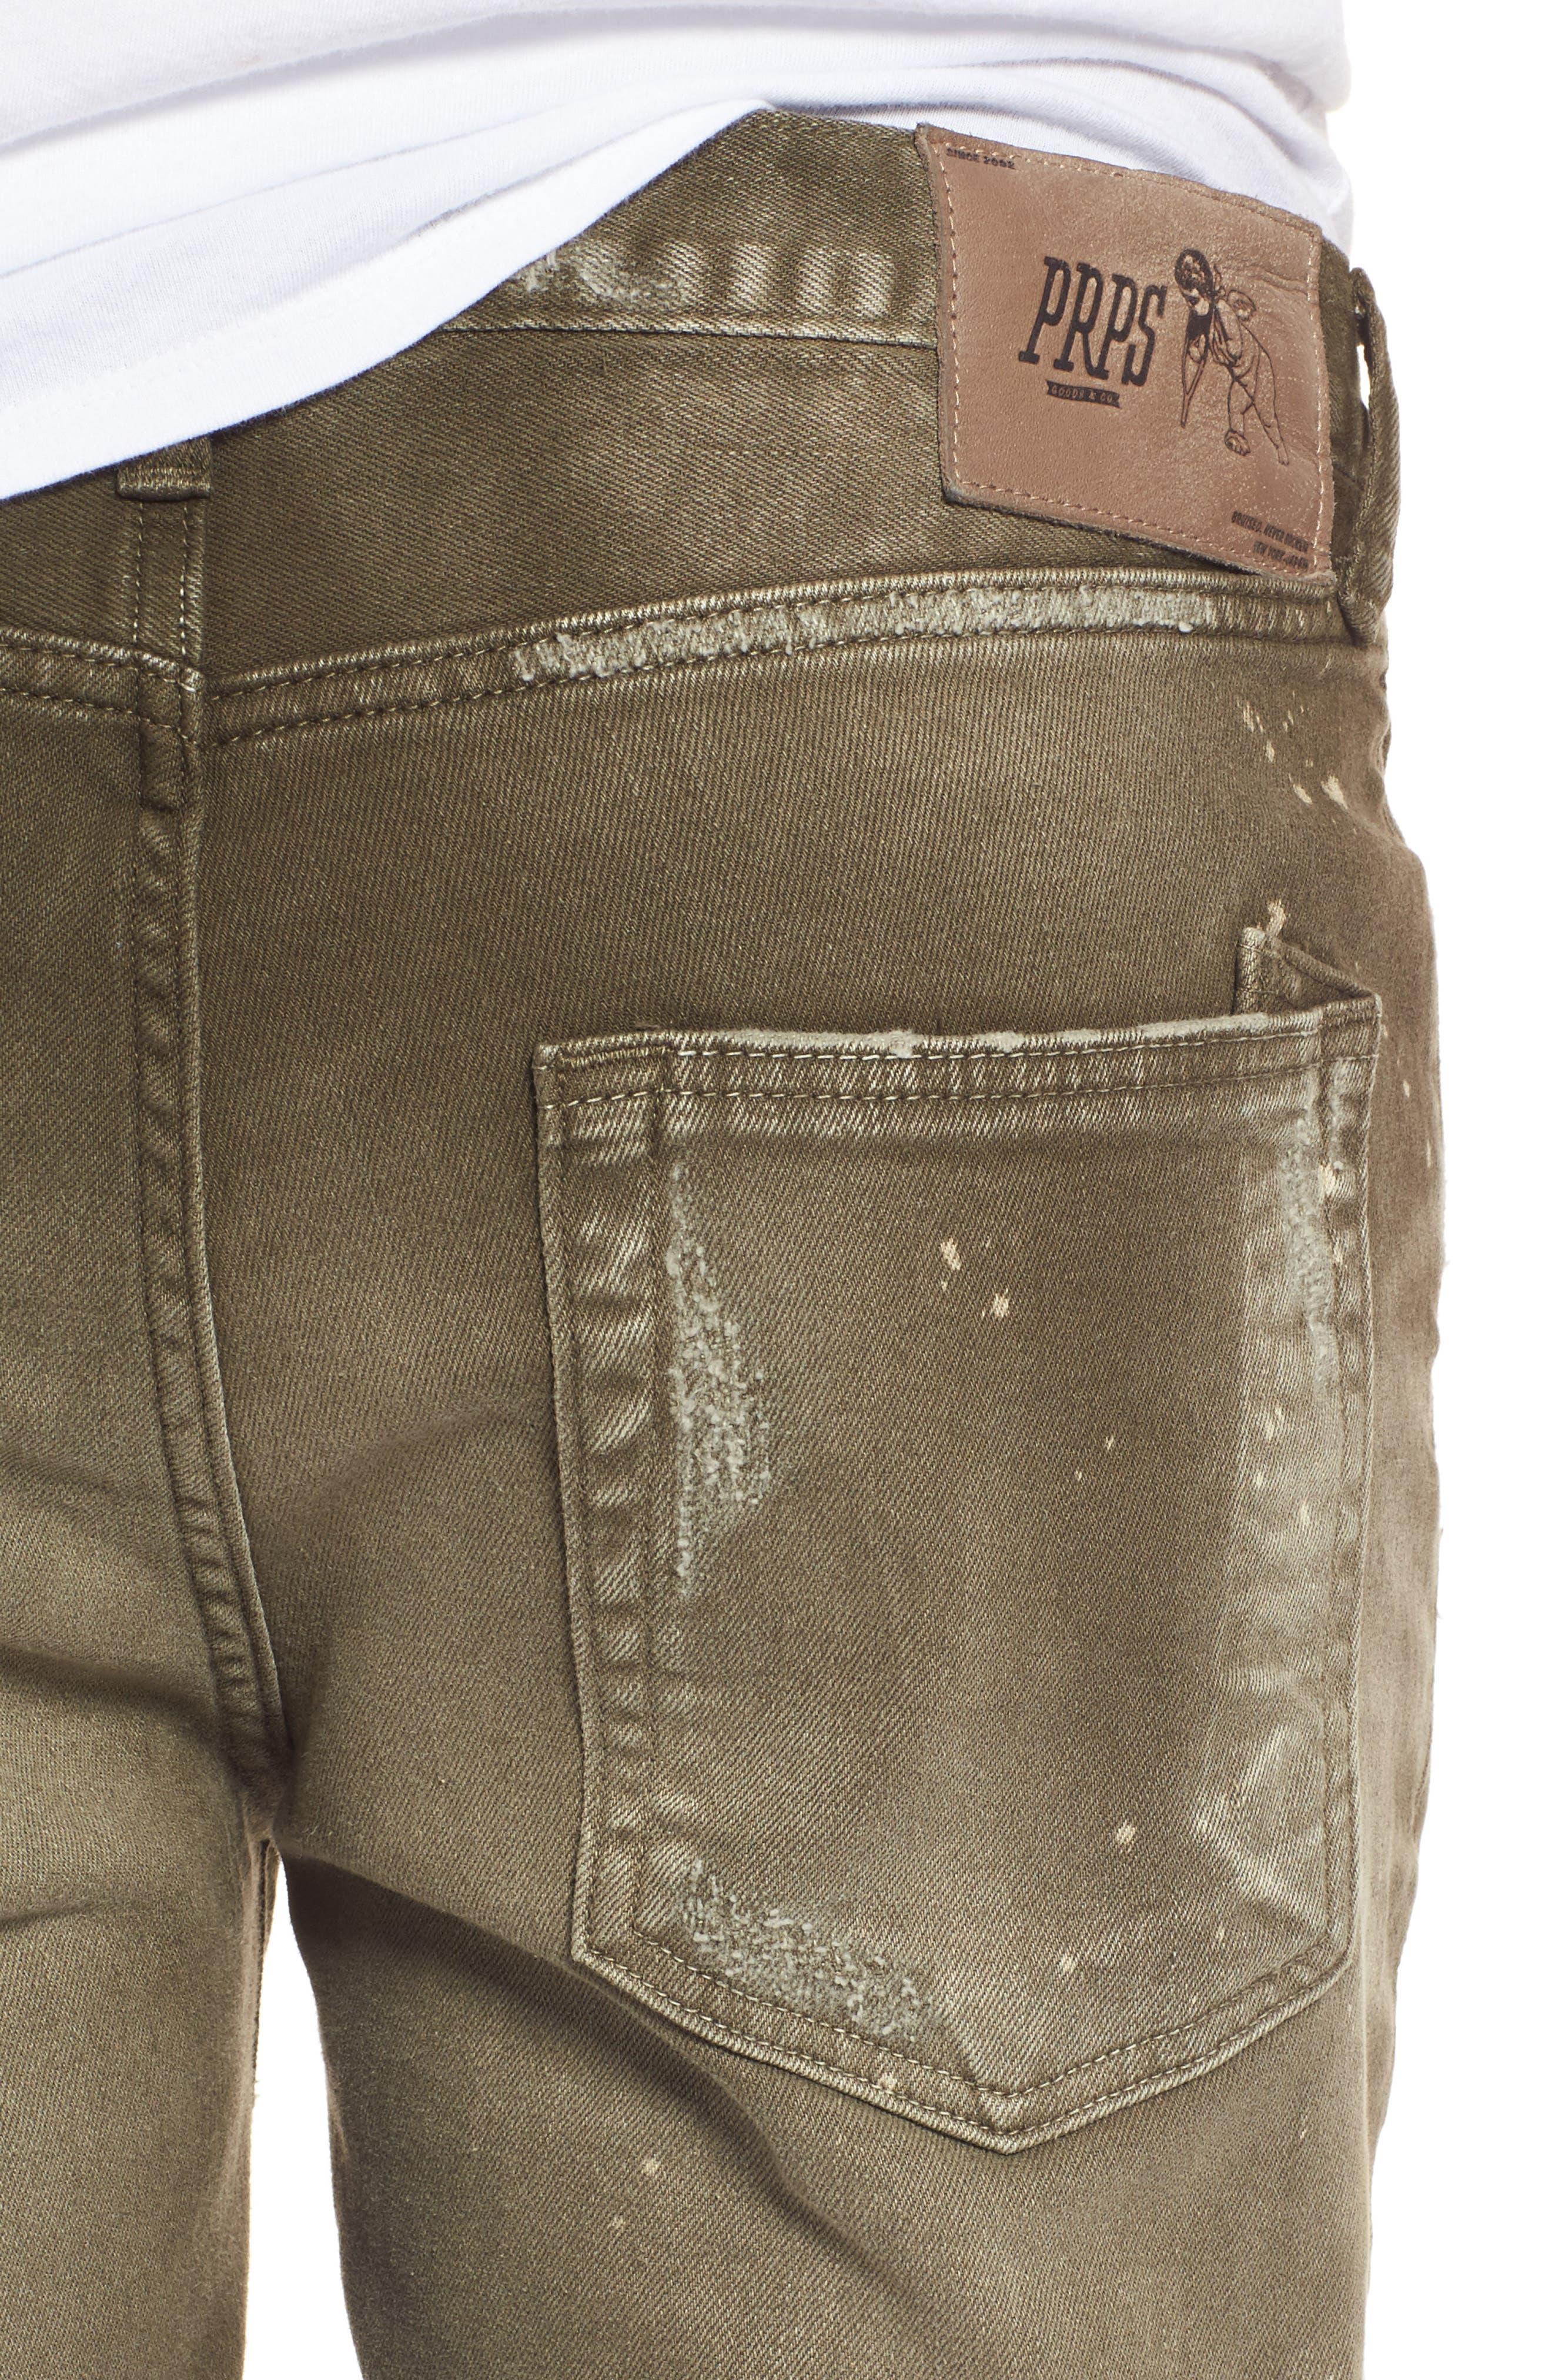 Demon Slim Straight Leg Jeans,                             Alternate thumbnail 4, color,                             Light